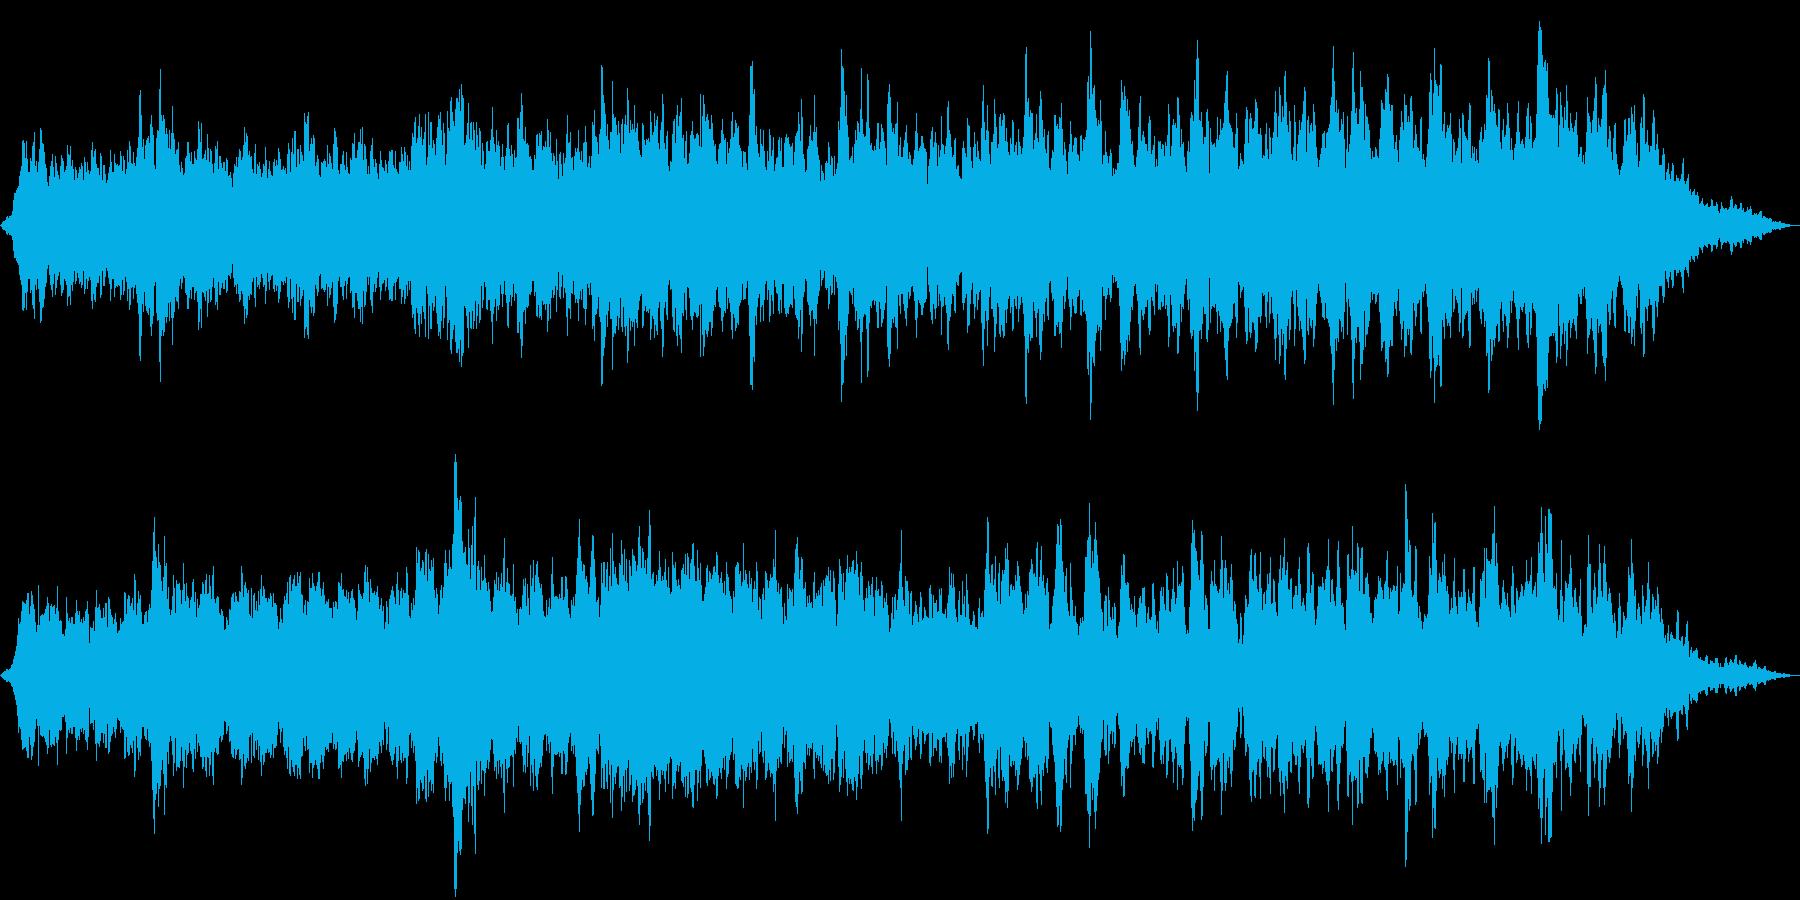 ヒーリングに適した広大な夜想曲の再生済みの波形